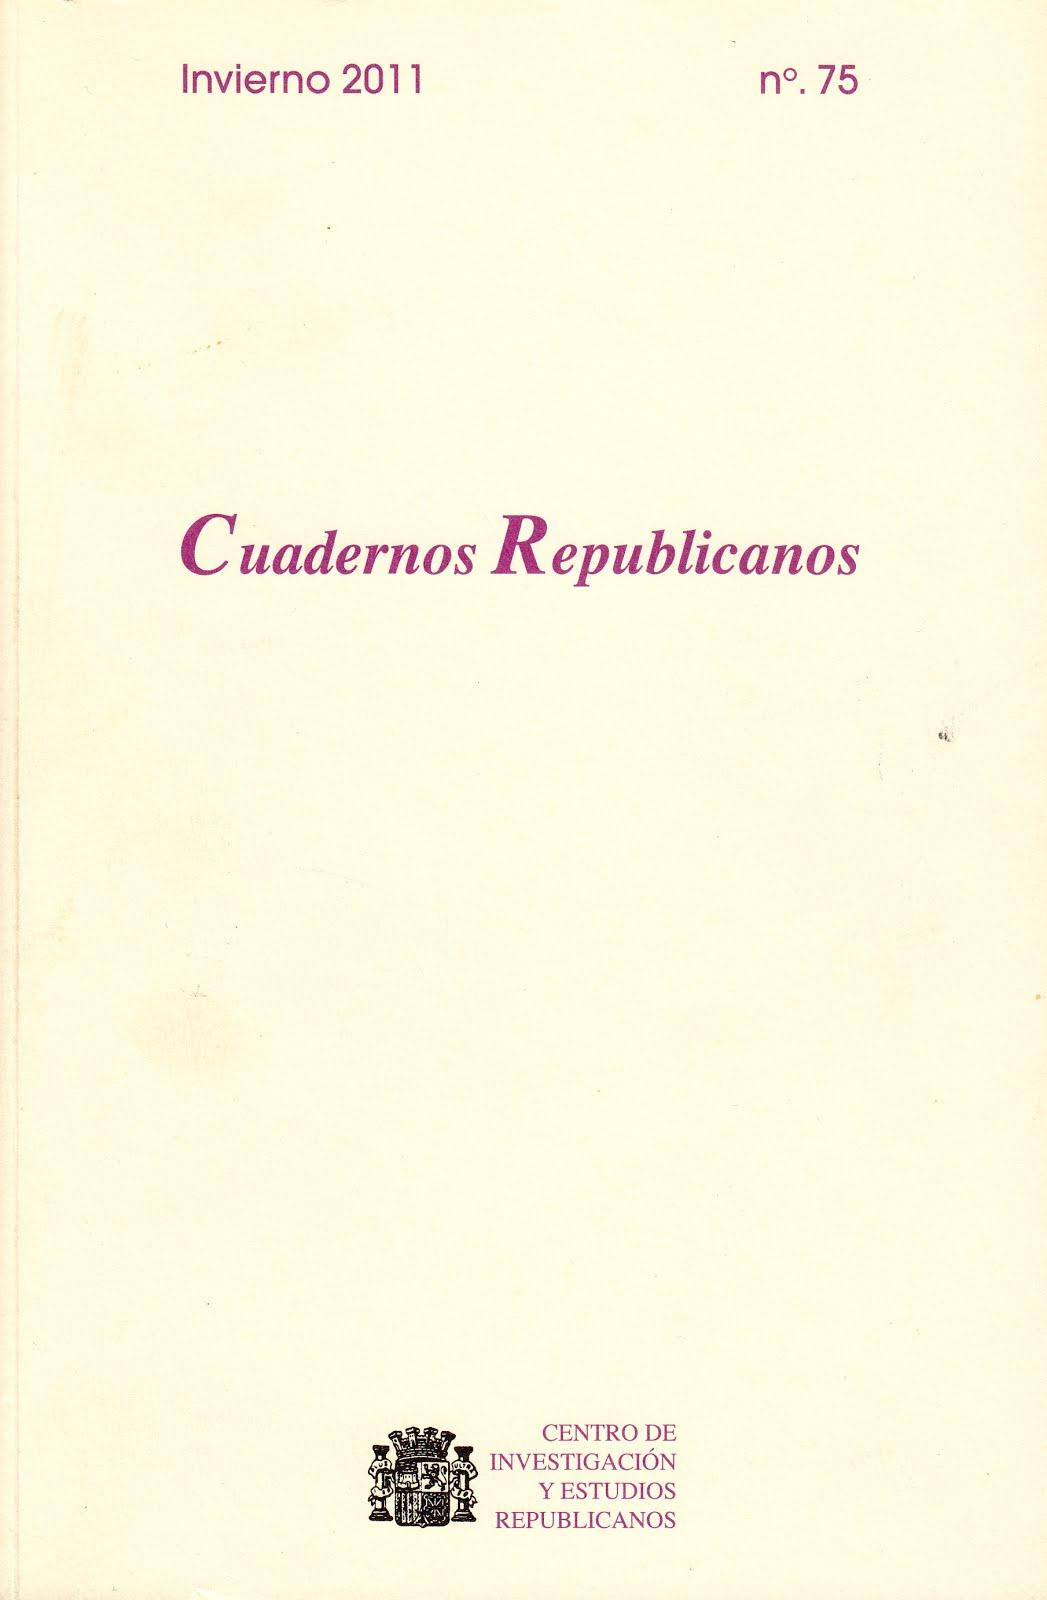 CUADERNOS REPUBLICANOS (REVISTA DEL CIERE). NÚMEROS: 63, 73 Y 75